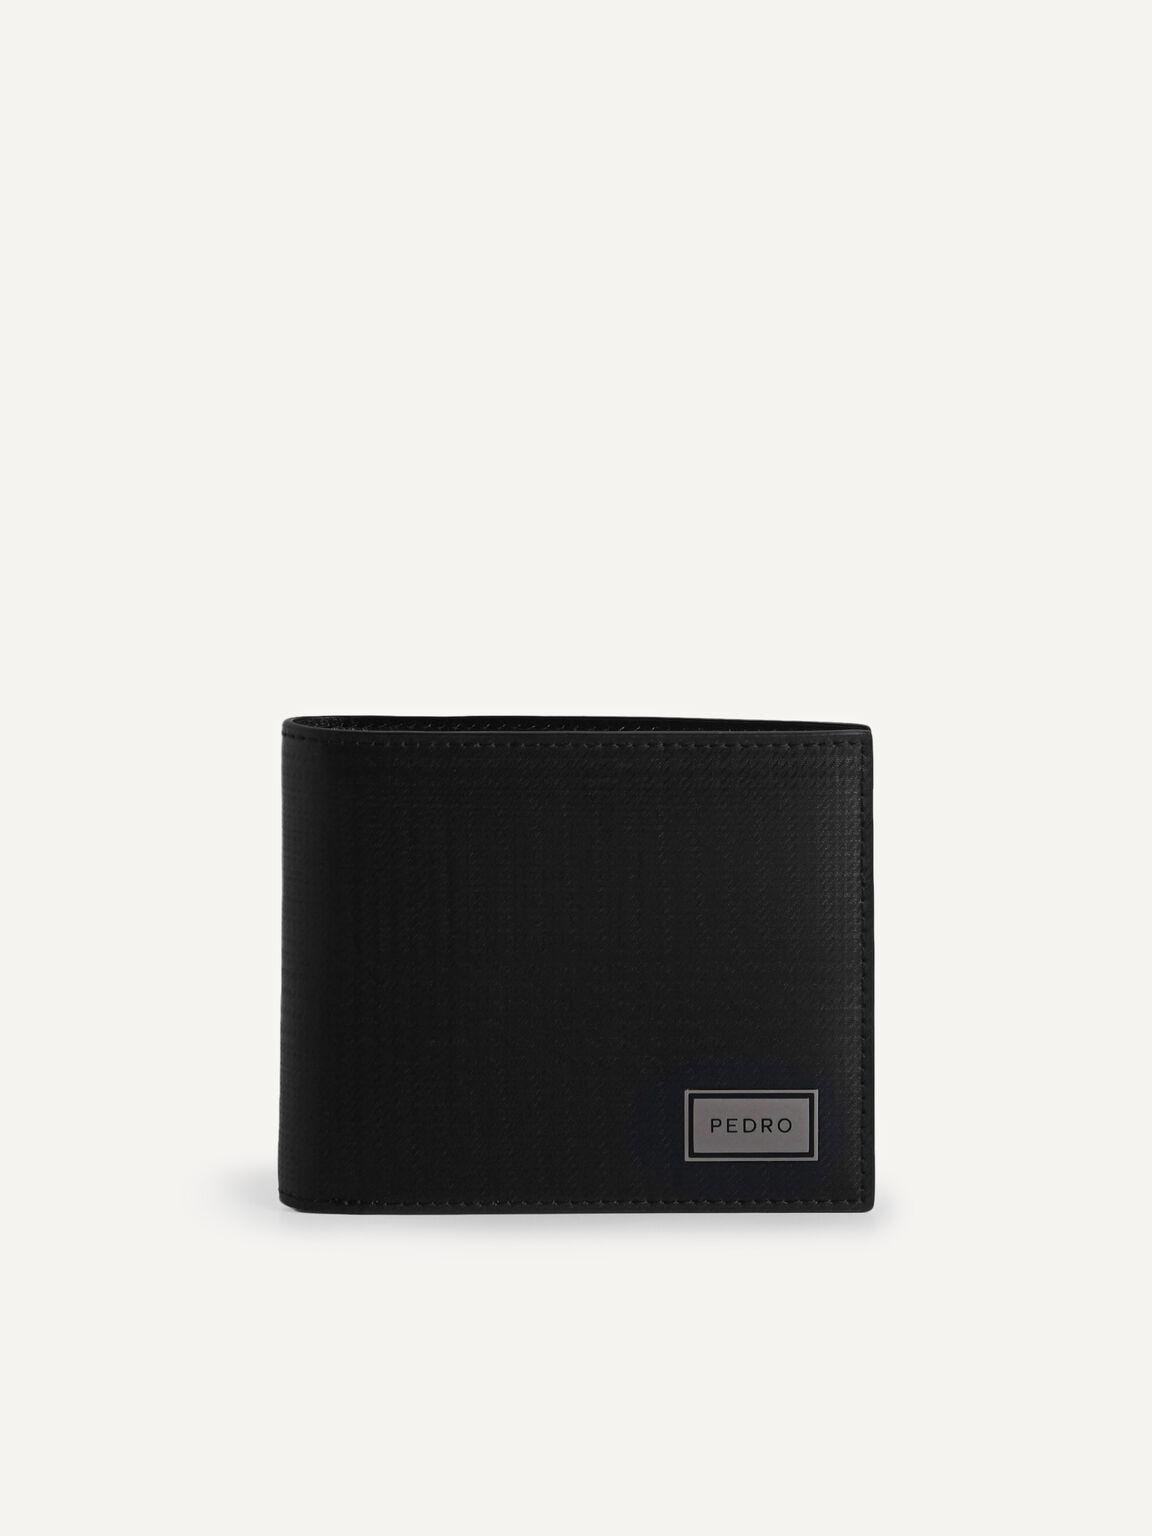 雙折疊皮革錢包帶翻蓋, 黑色, hi-res